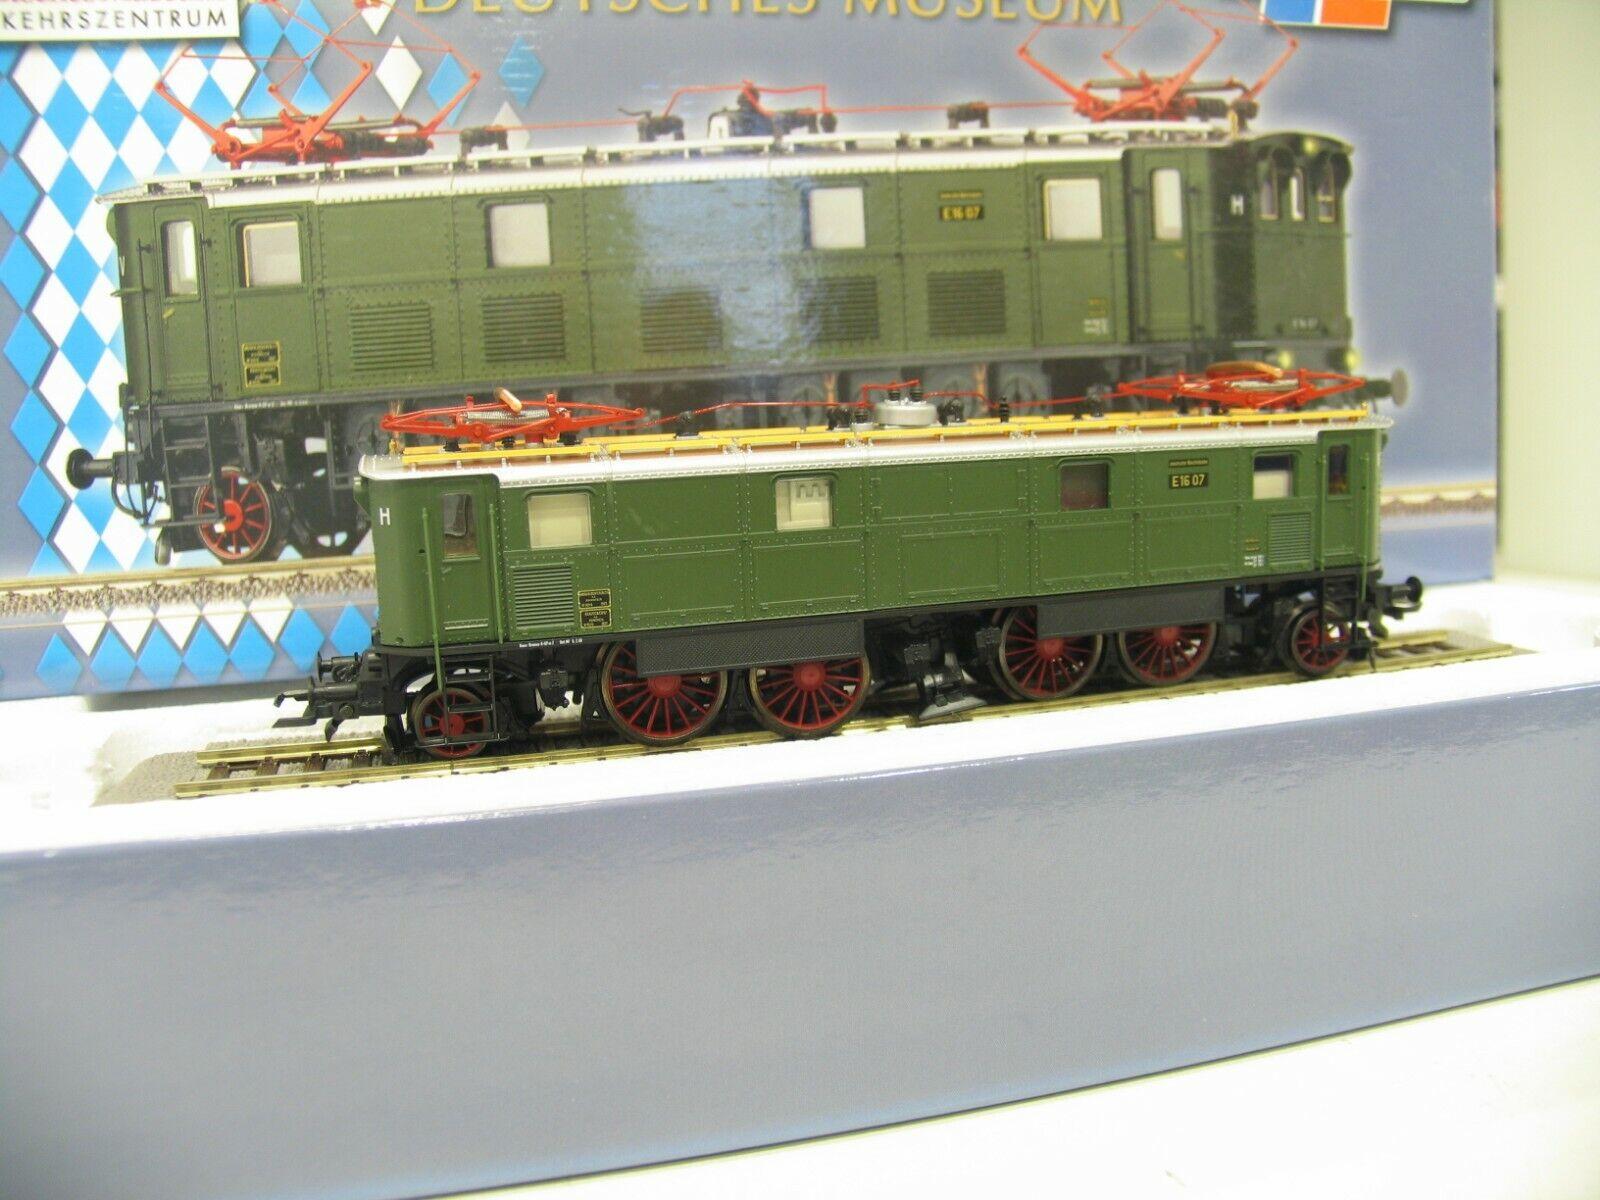 Roco 63622 e-Lok e16 verde de la DB museo Edition js815